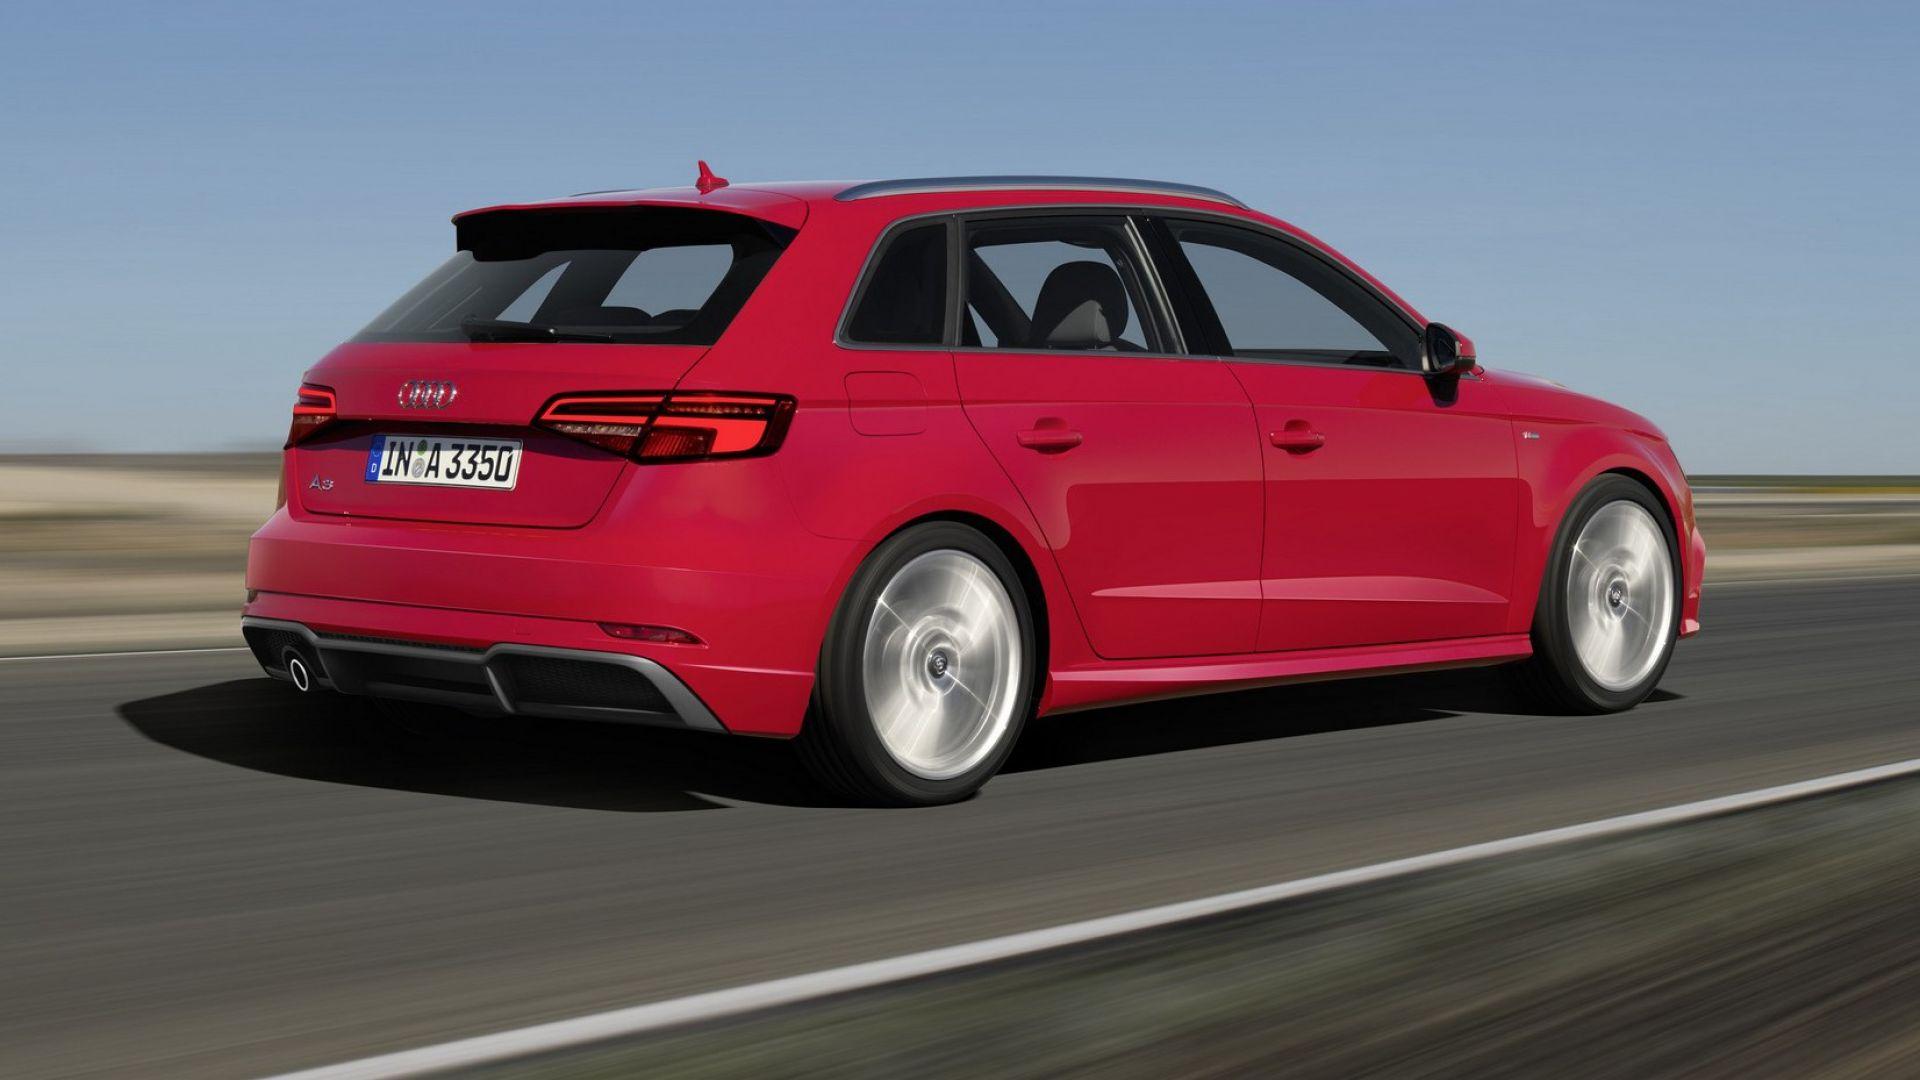 Prova video nuova audi a3 prova motori e dotazioni for Audi a3 restyling 2017